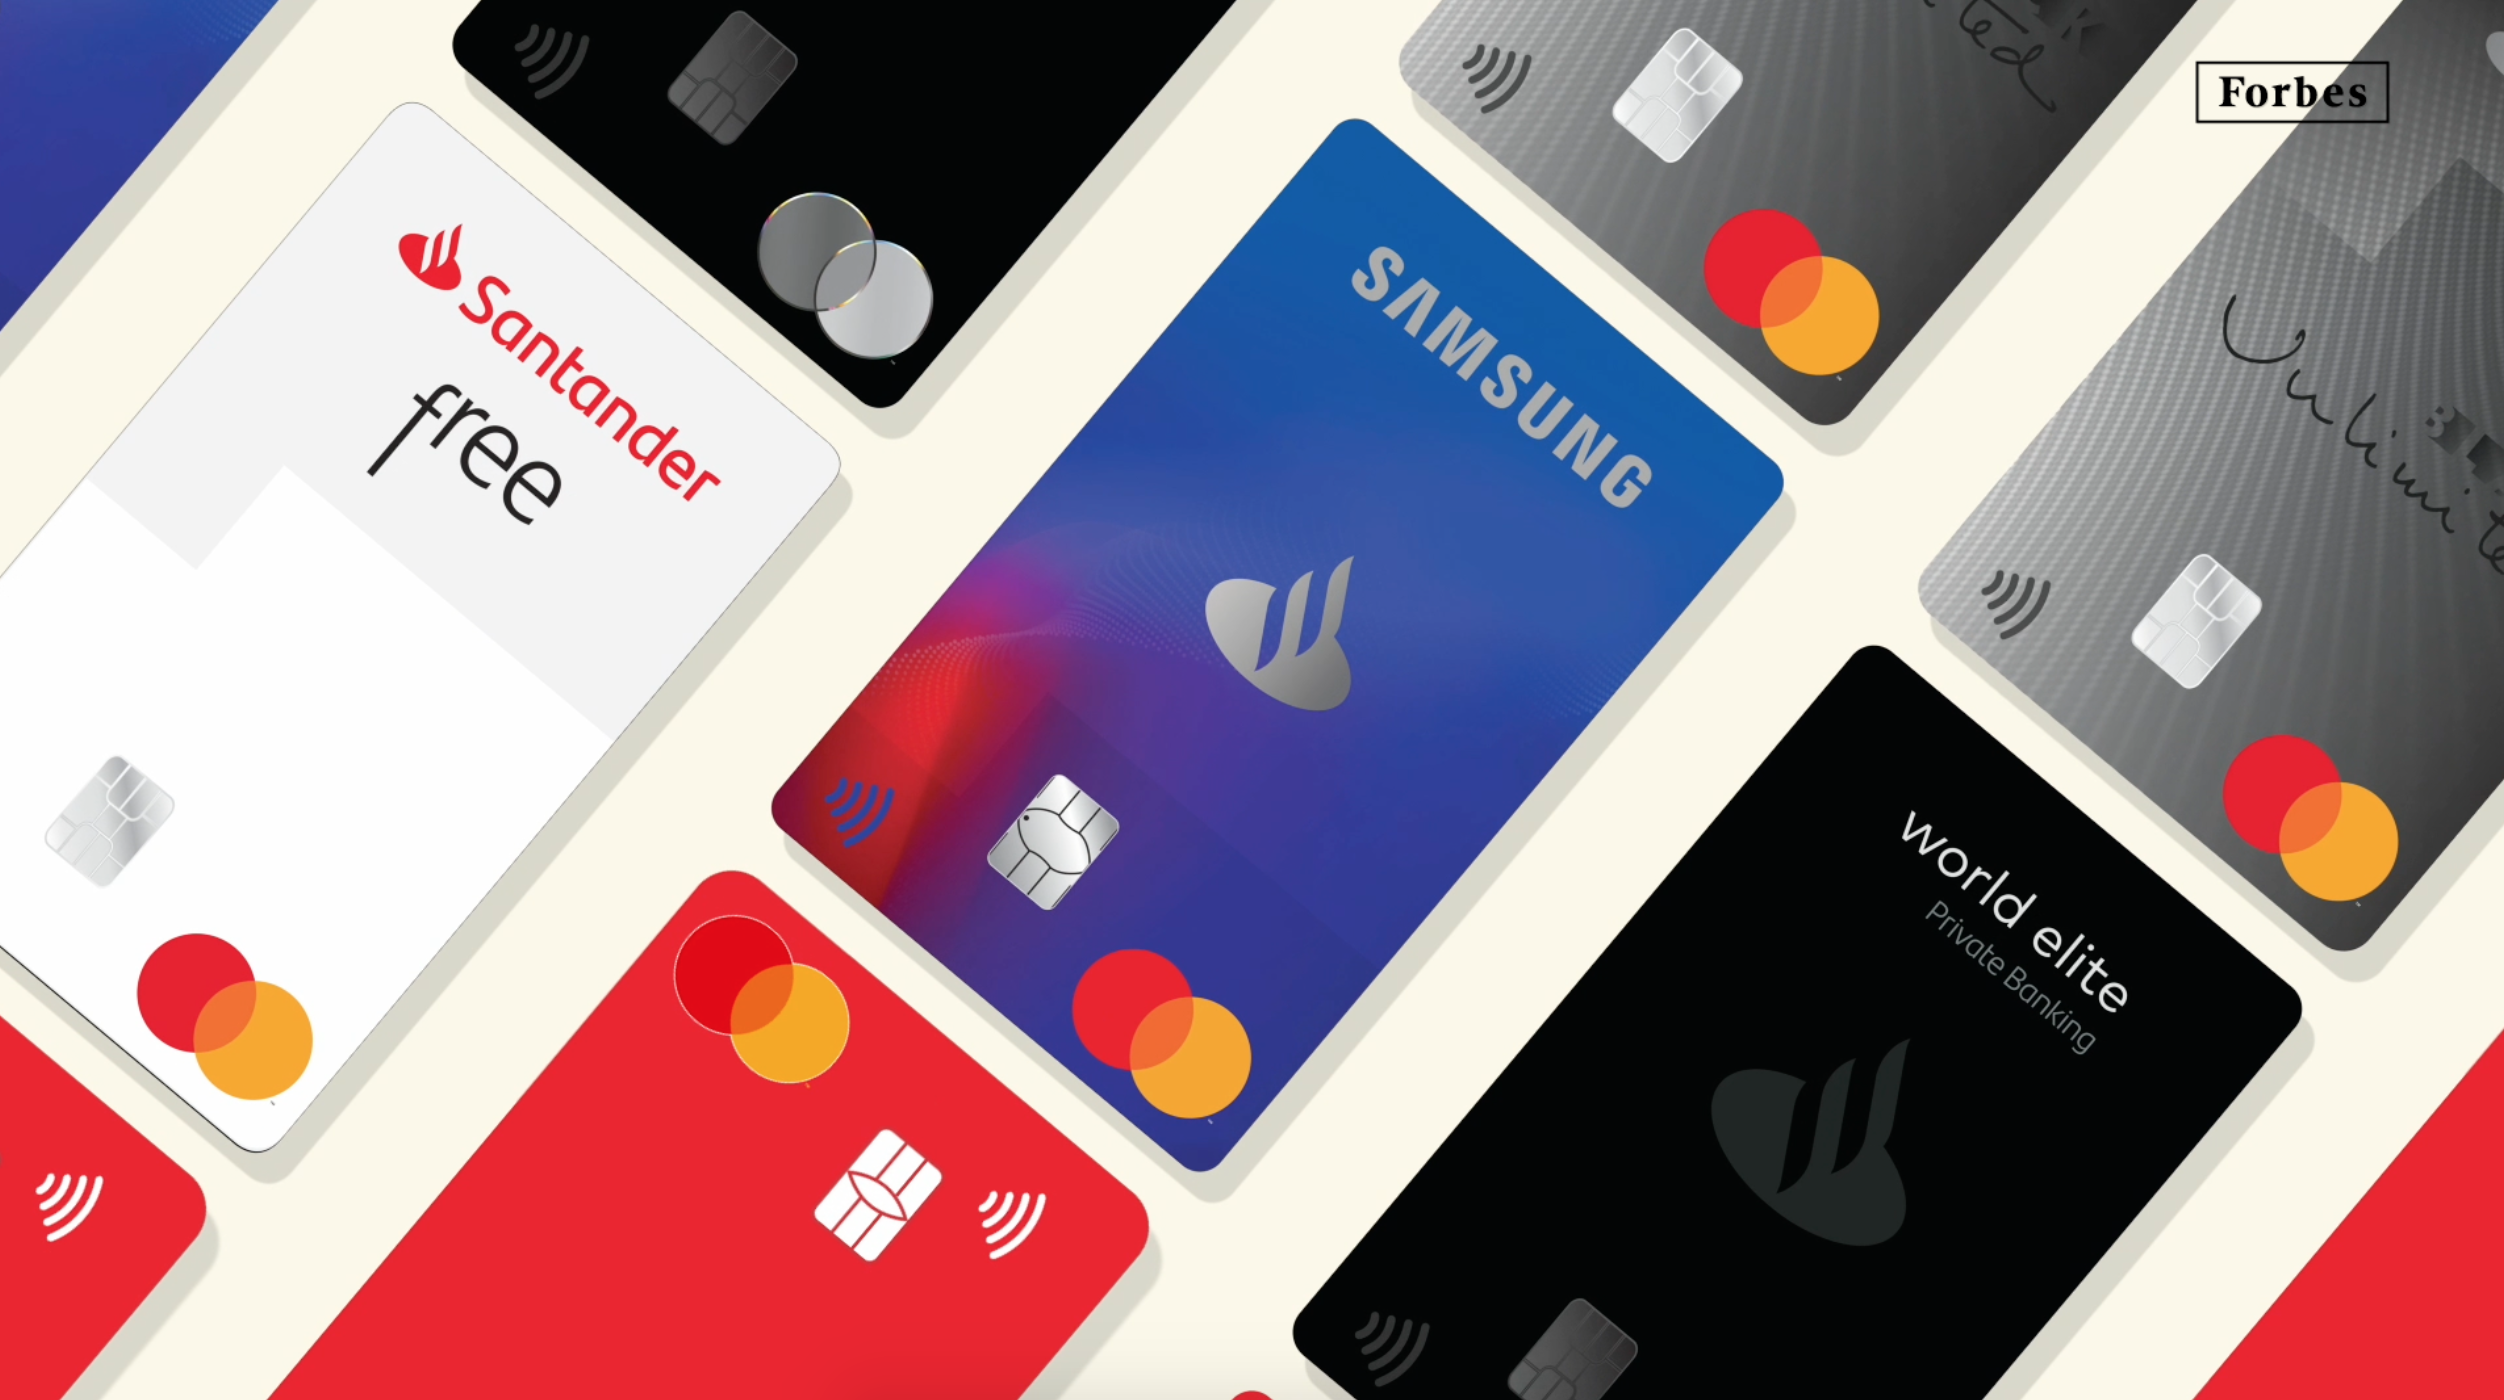 Santander, primero en México en tener el 100% de sus tarjetas Mastercard con Pago Sin Contacto